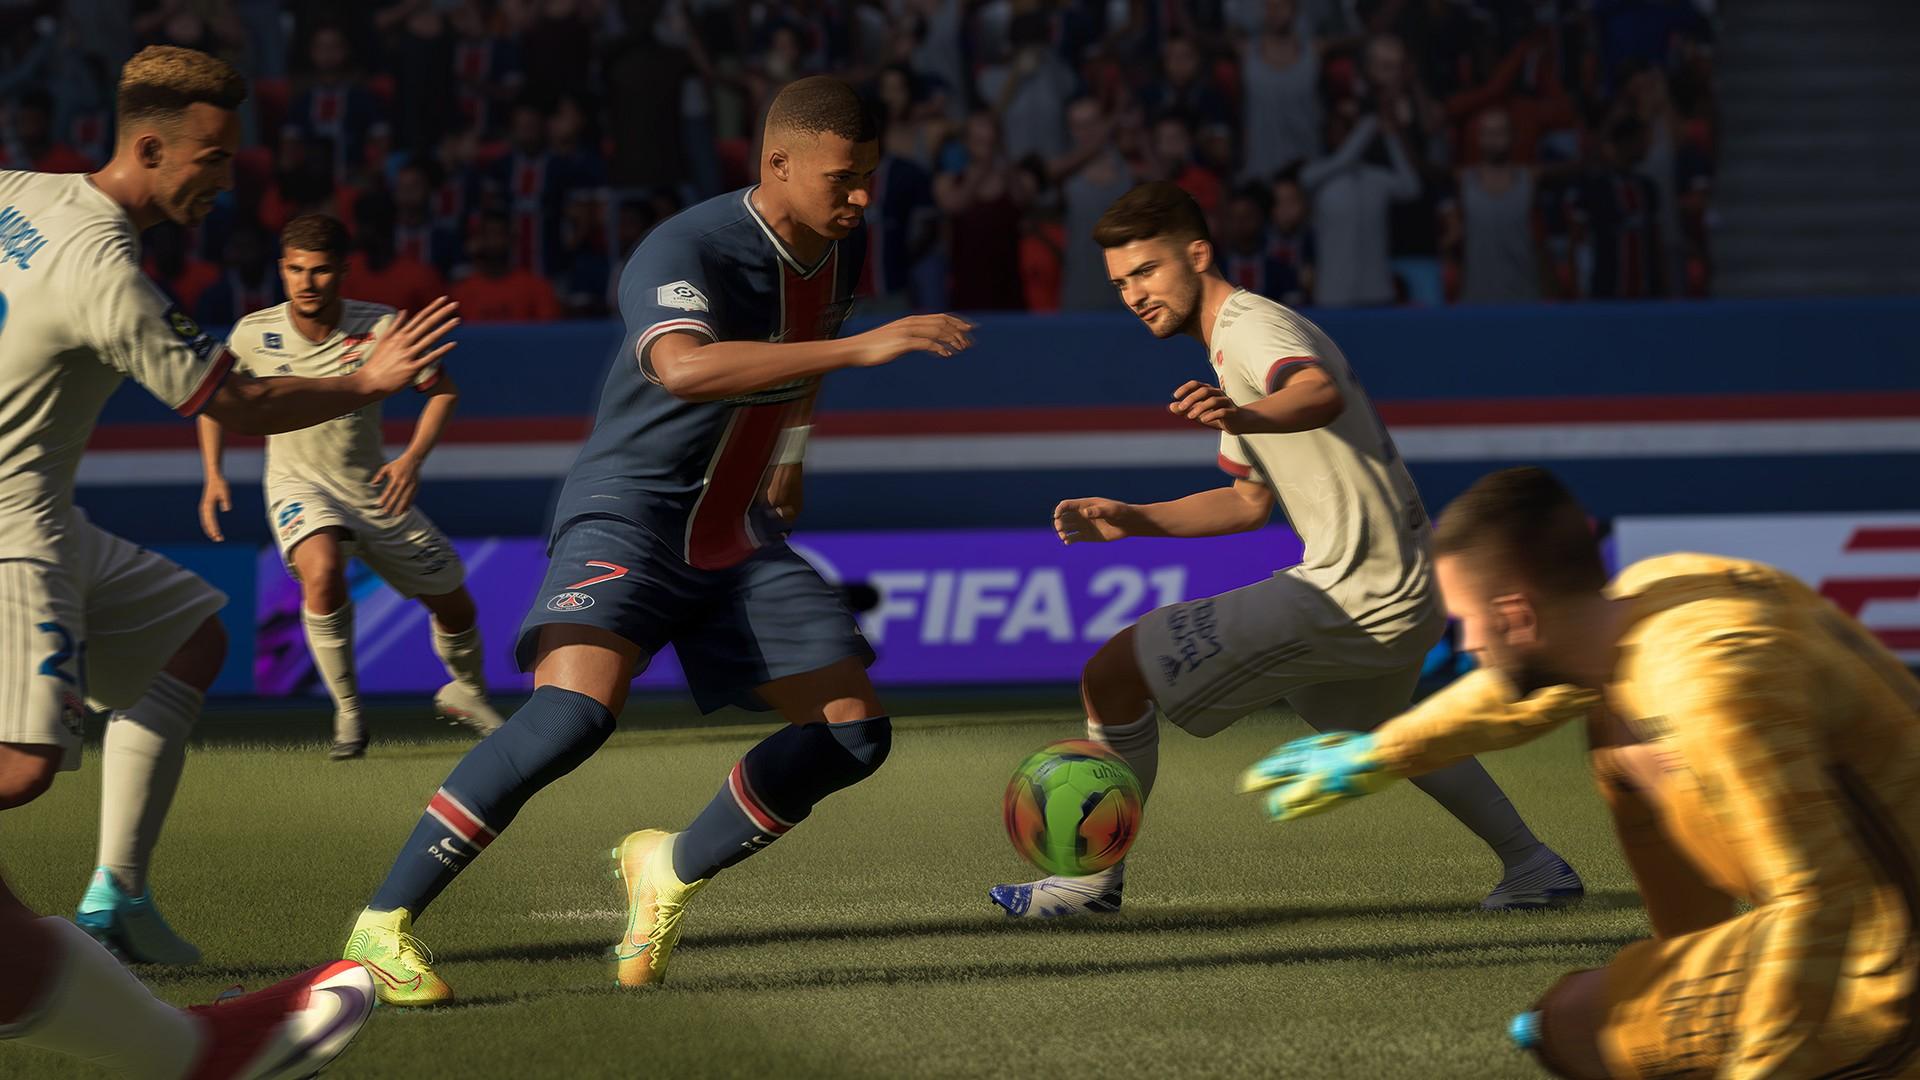 22 000 часов или £80 000: энтузиаст посчитал, во сколько обойдётся сбор команды мечты в FIFA 21